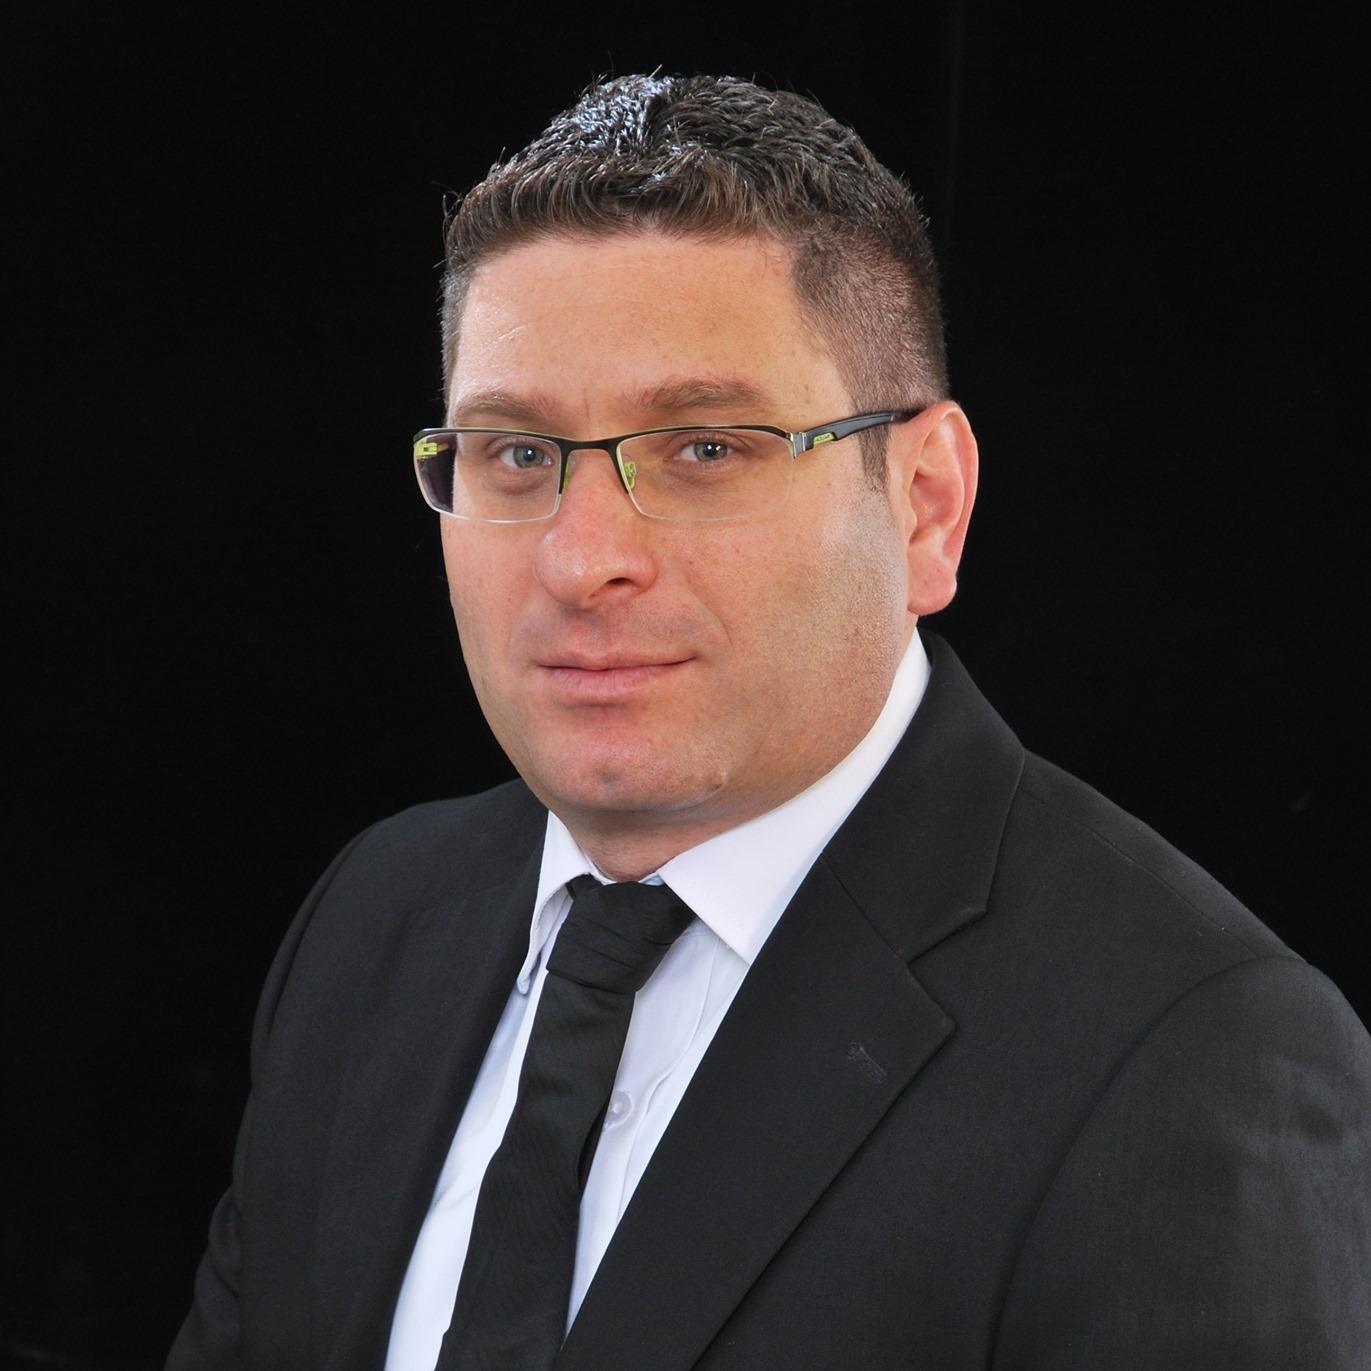 ליאור וימן ושות' - משרד עורכי דין